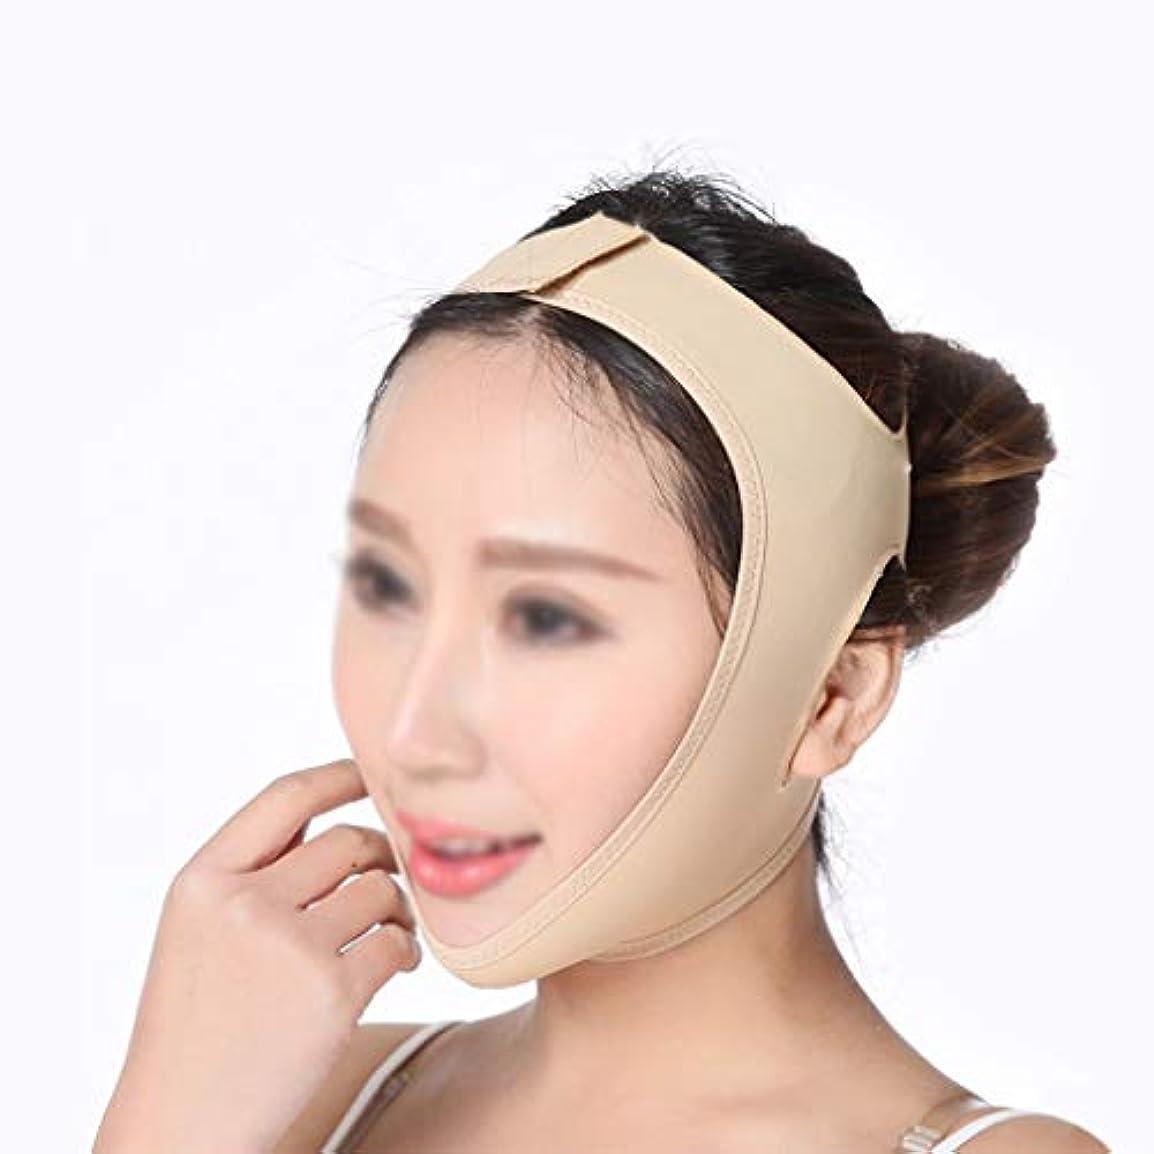 無駄だ劣る平和なXHLMRMJ フェイシャルチークリフティングマスク、ダブルチンとフェイス、フェイスリフト包帯を効果的に改善、ダブルチン を減らす (Size : L)